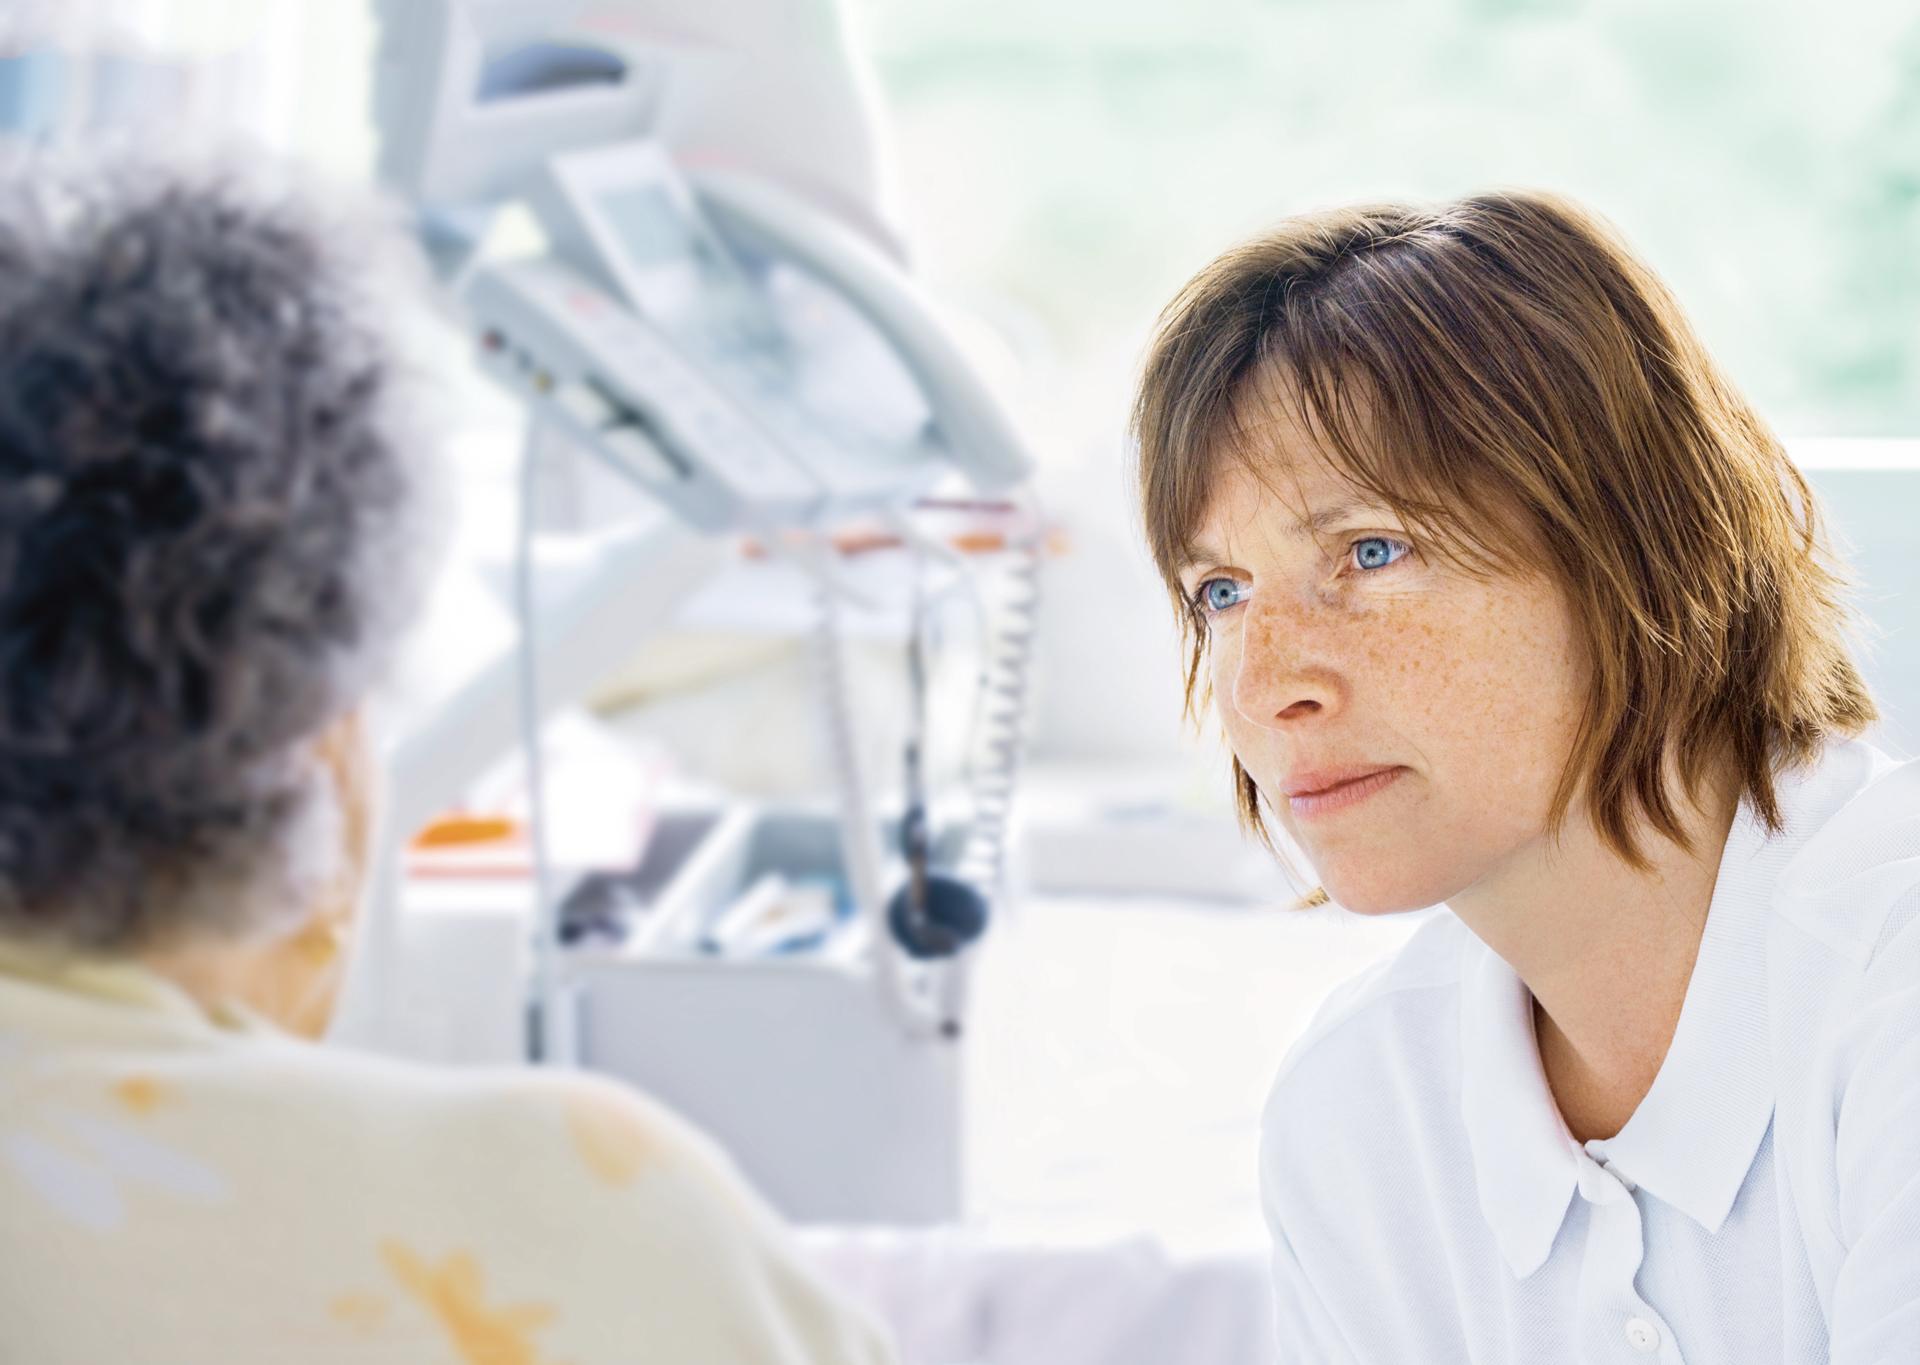 Physiotherapeutin bei der Behandlung einer Patientin